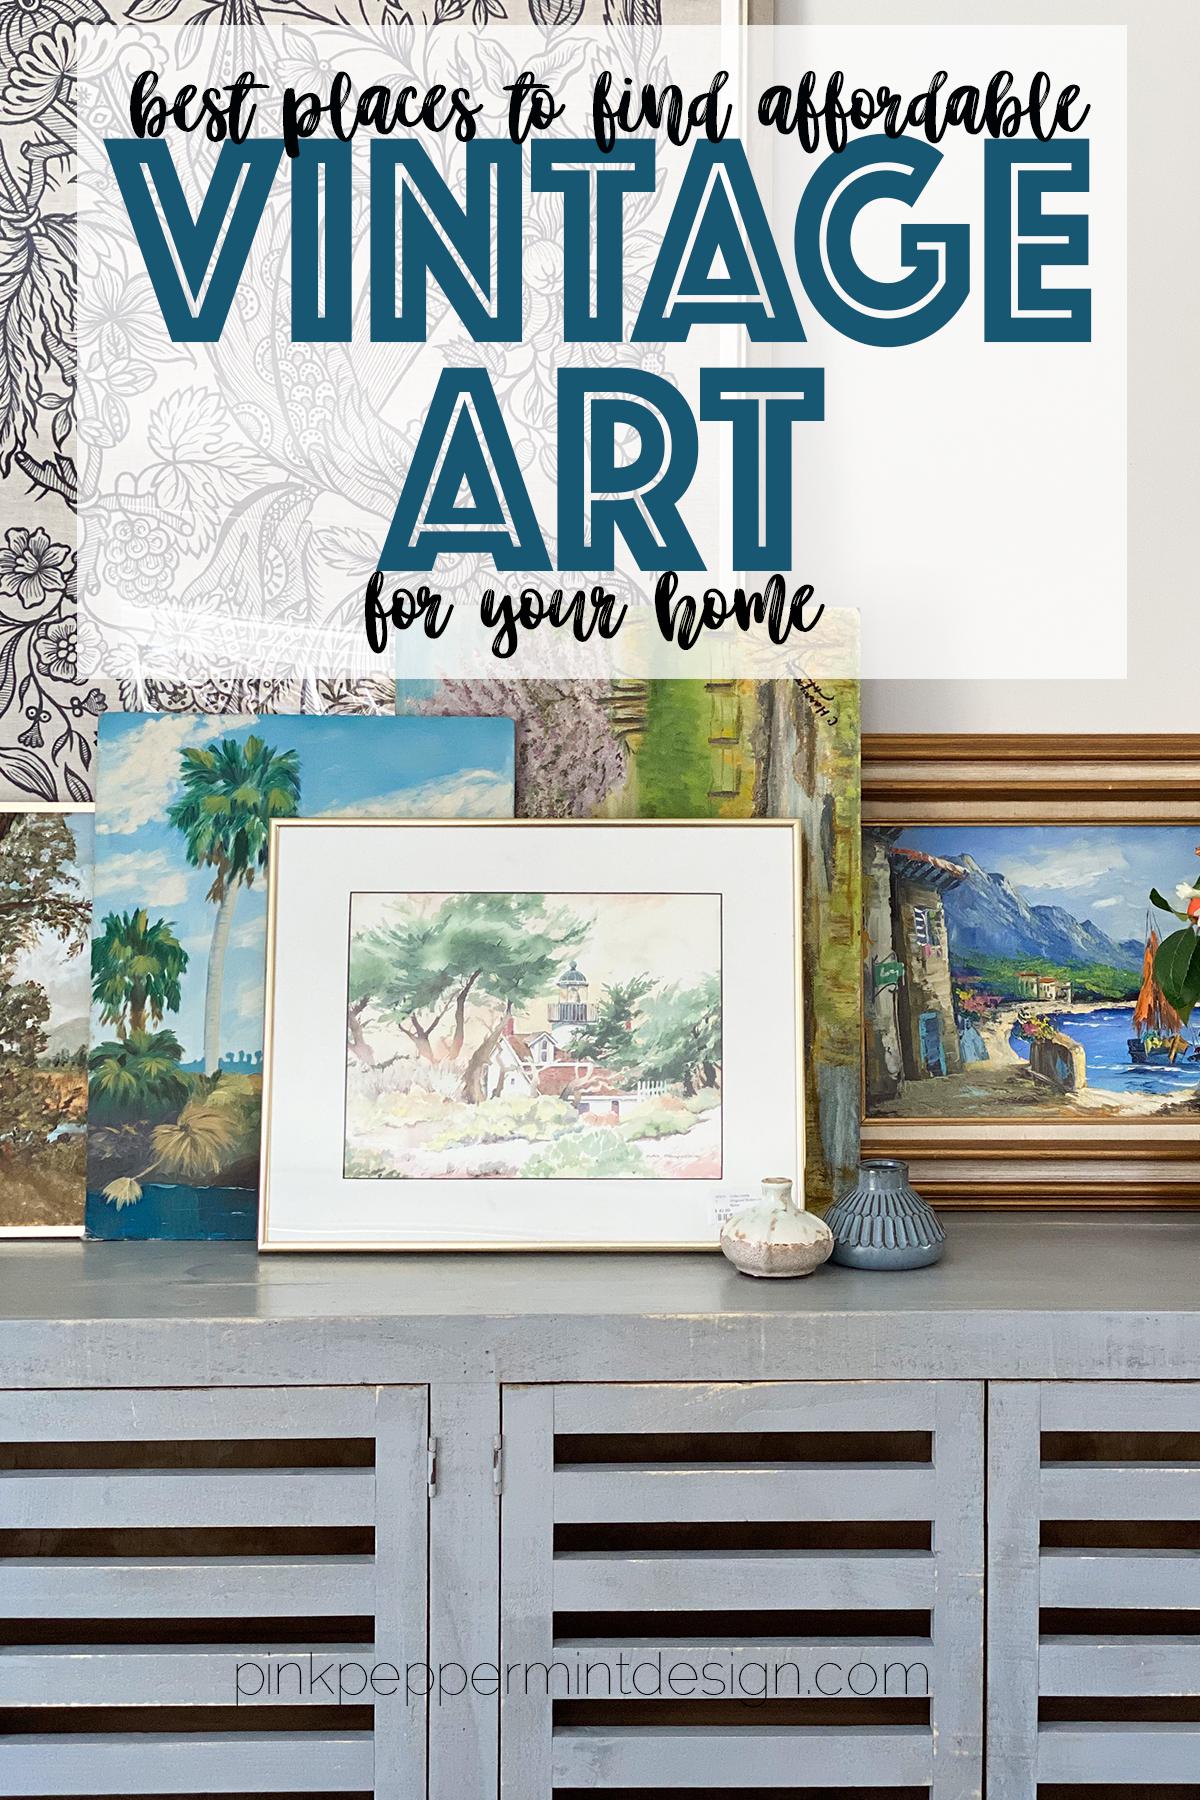 Best Sources for Vintage Art and Landscapes